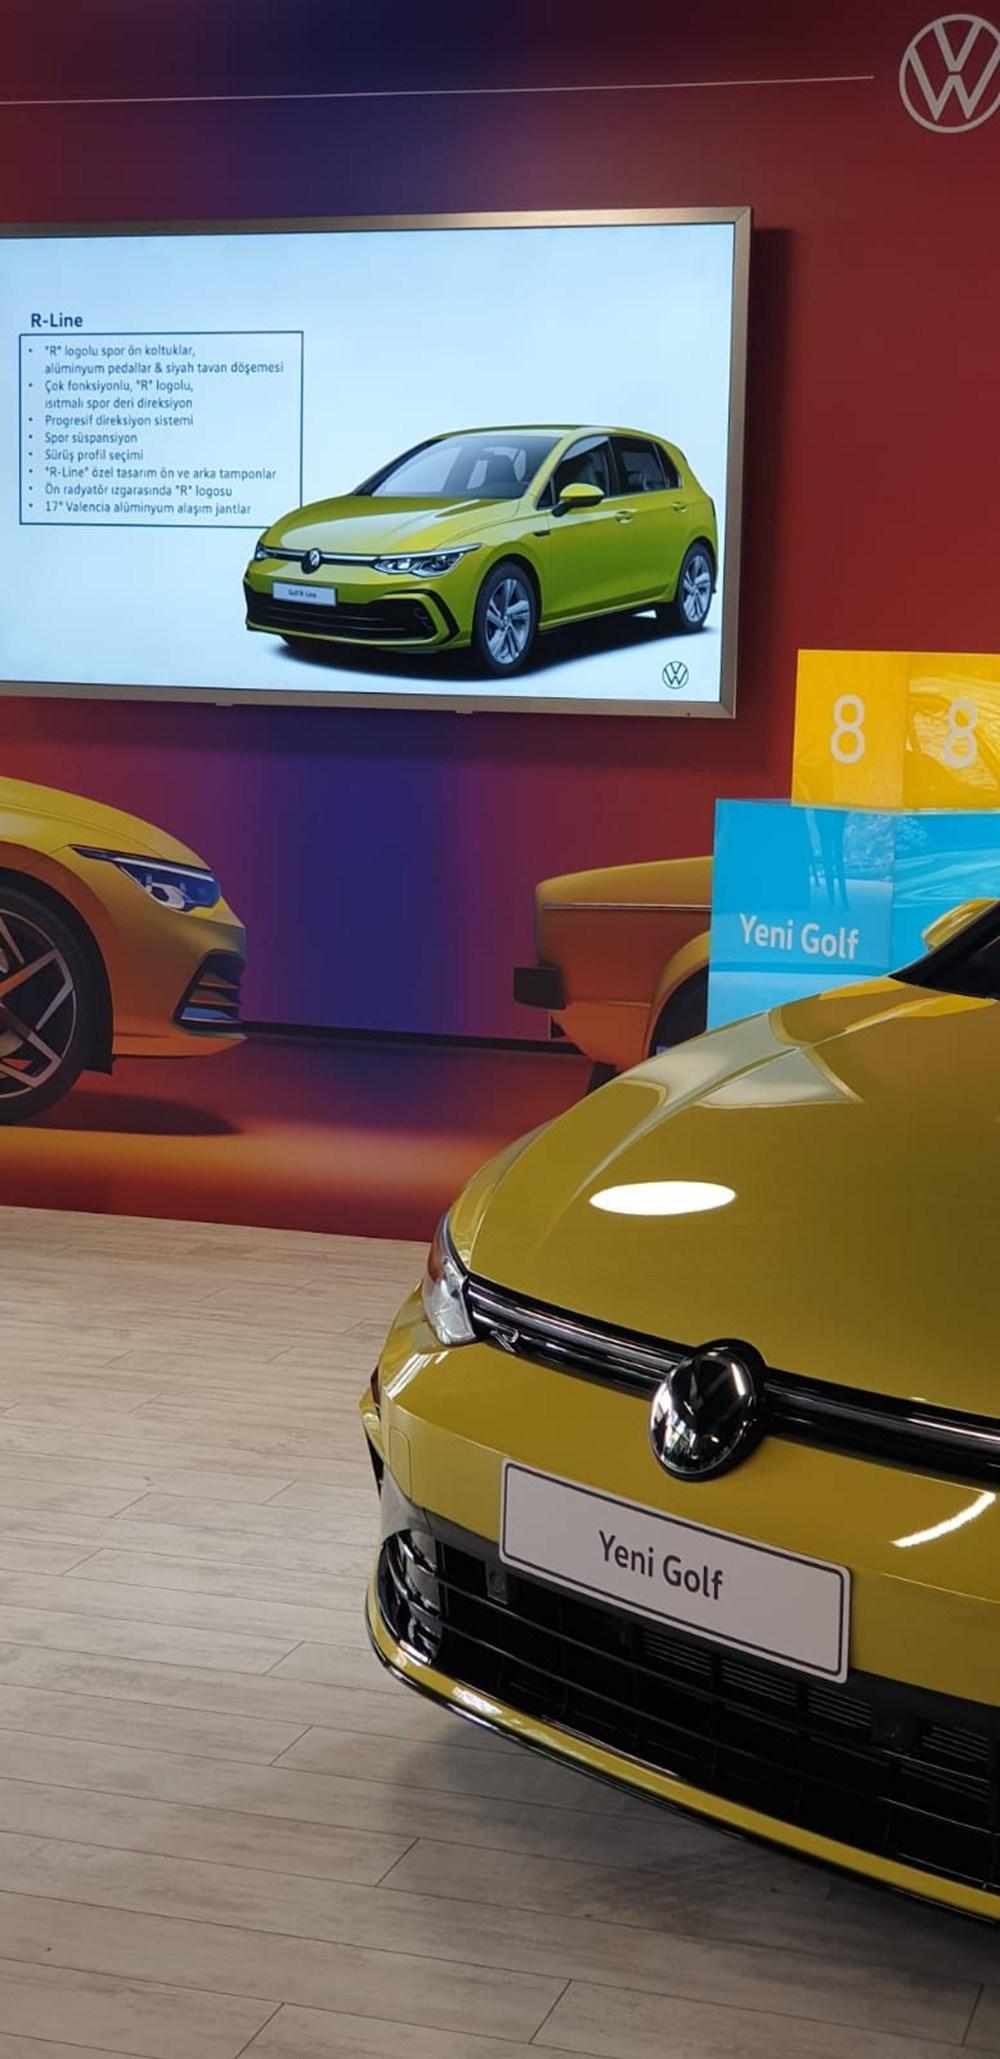 Yeni Volkswagen Golf Türkiye'de (Fiyatı belli oldu) - 6